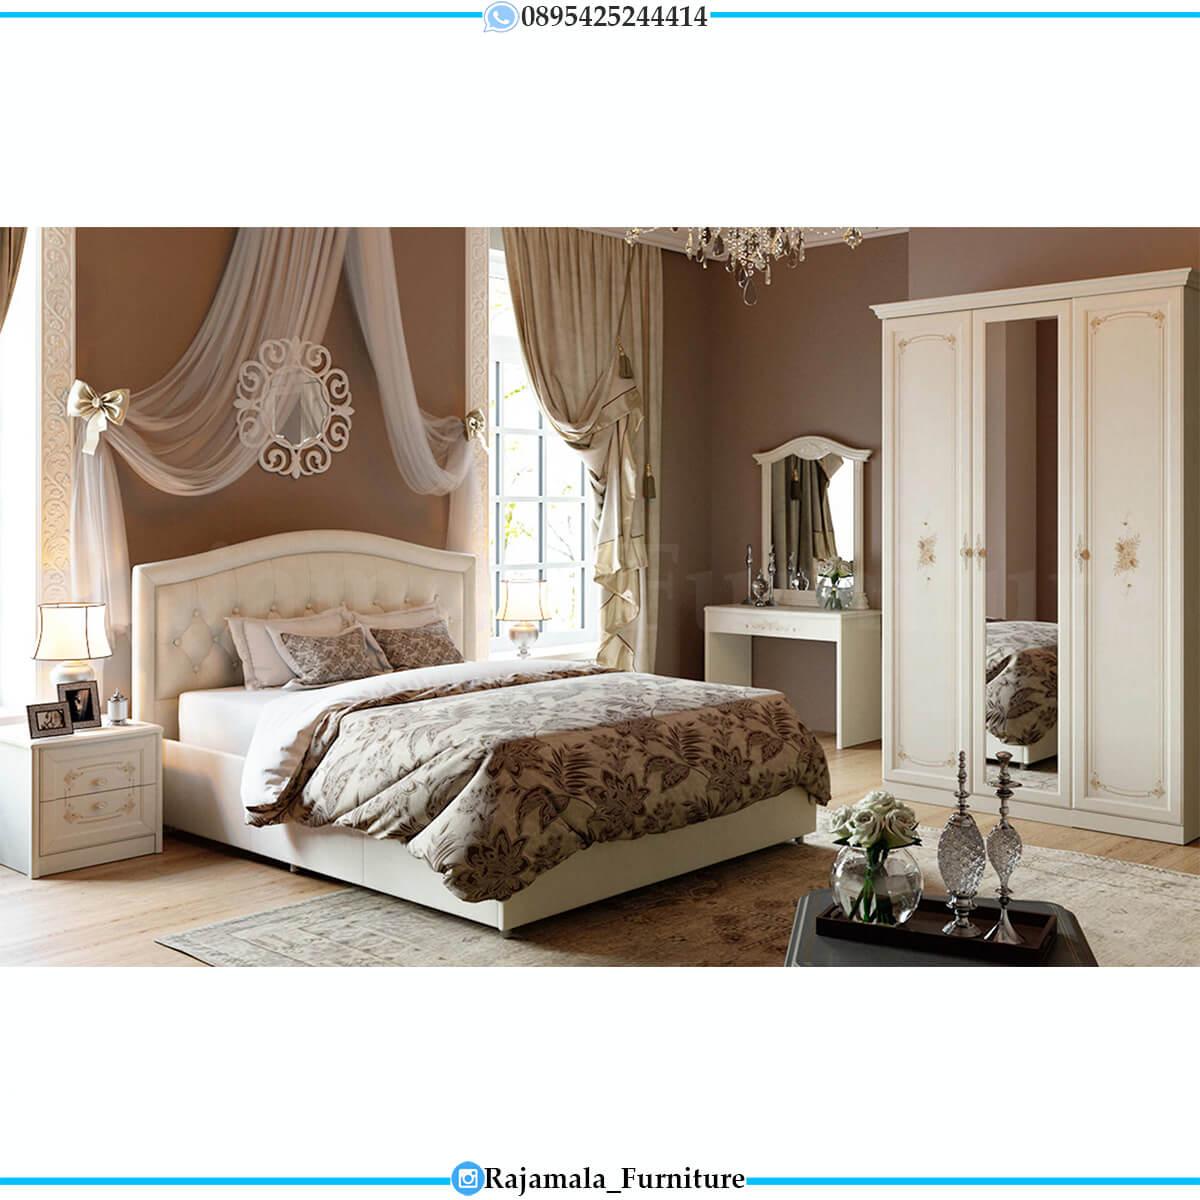 Tempat Tidur Minimalis Putih Duco Elegant Color RM-0696